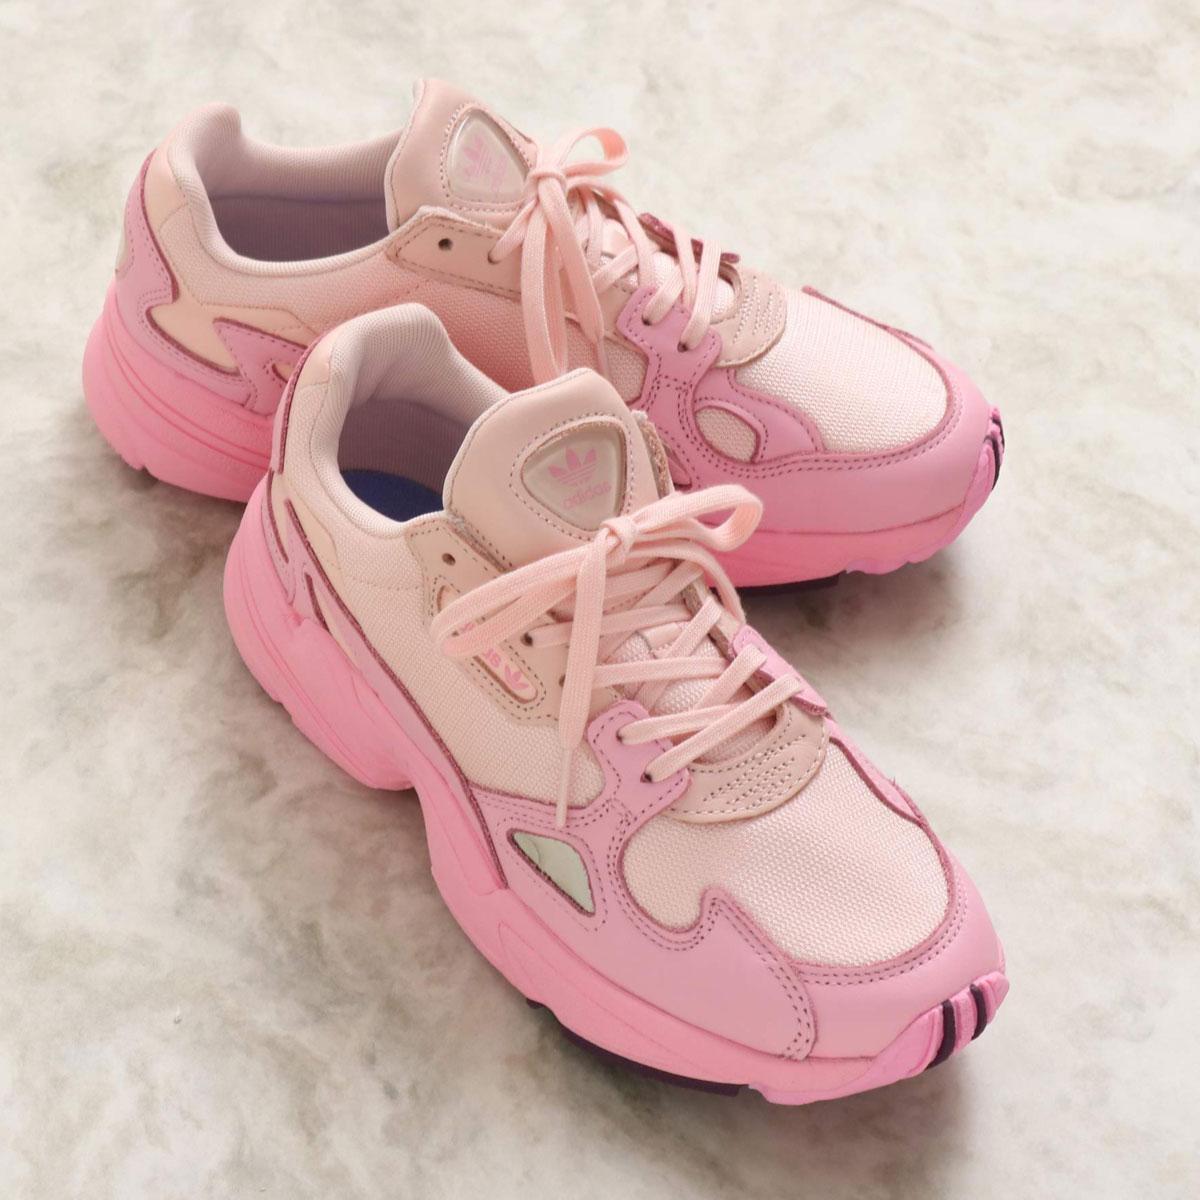 adidas ADIDASFALCON W(アディダス アディダスファルコン W)ICEY PINK/TRUE PINK/CHALK PURPLE【メンズ レディース スニーカー】19FW-I